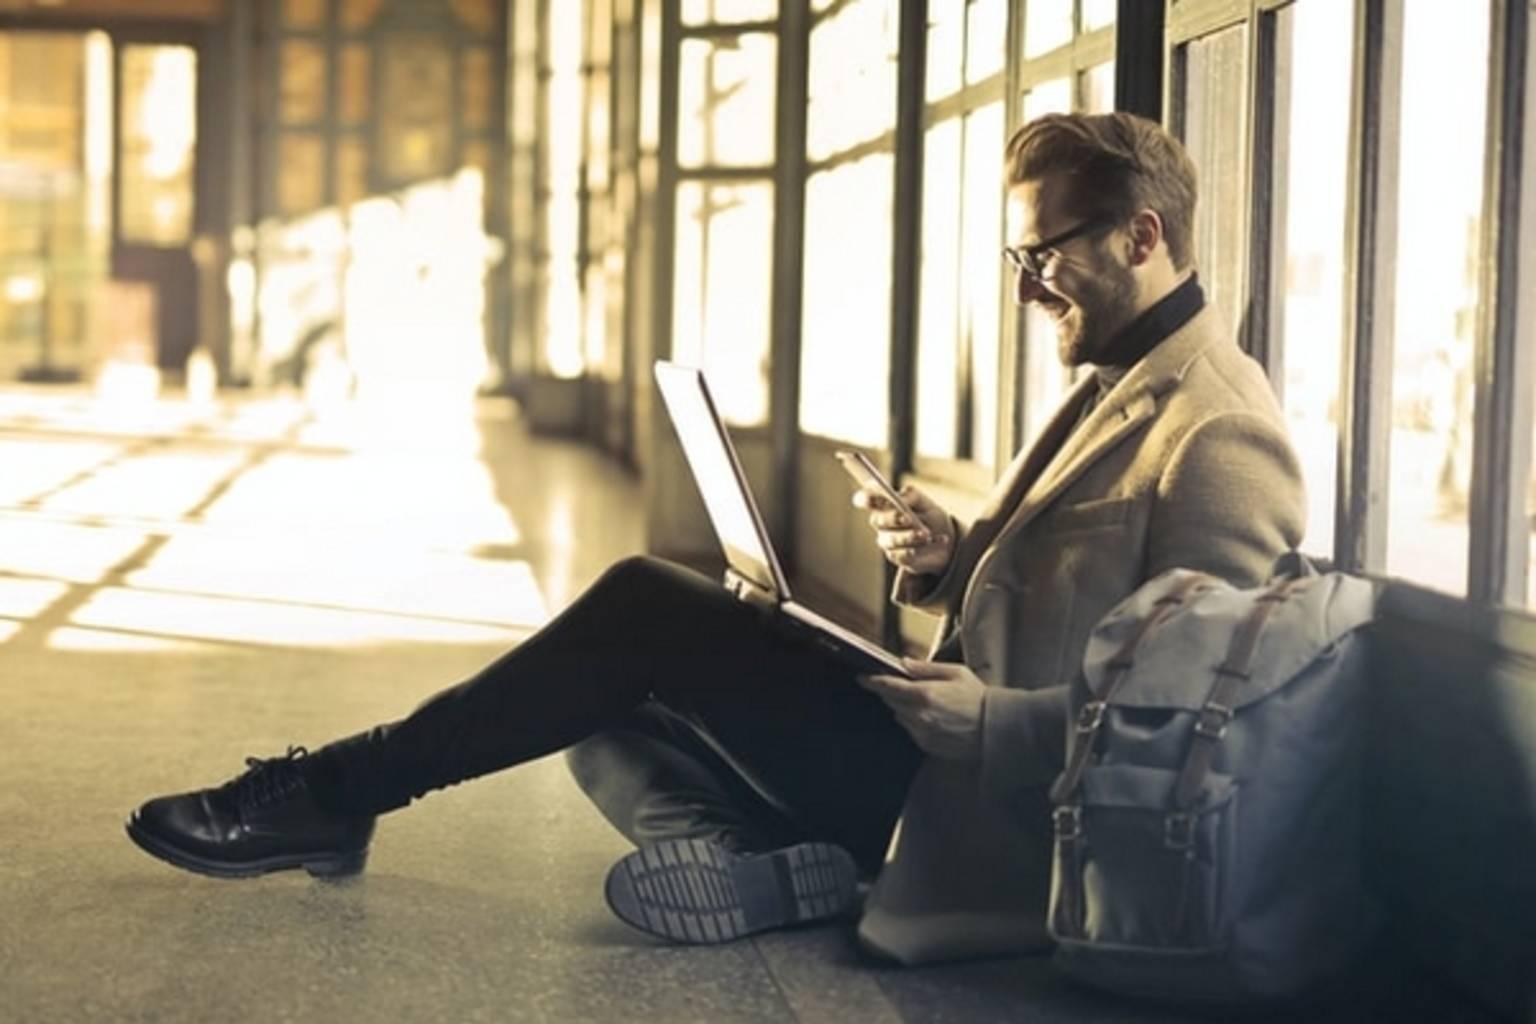 Man on laptop sat on floor